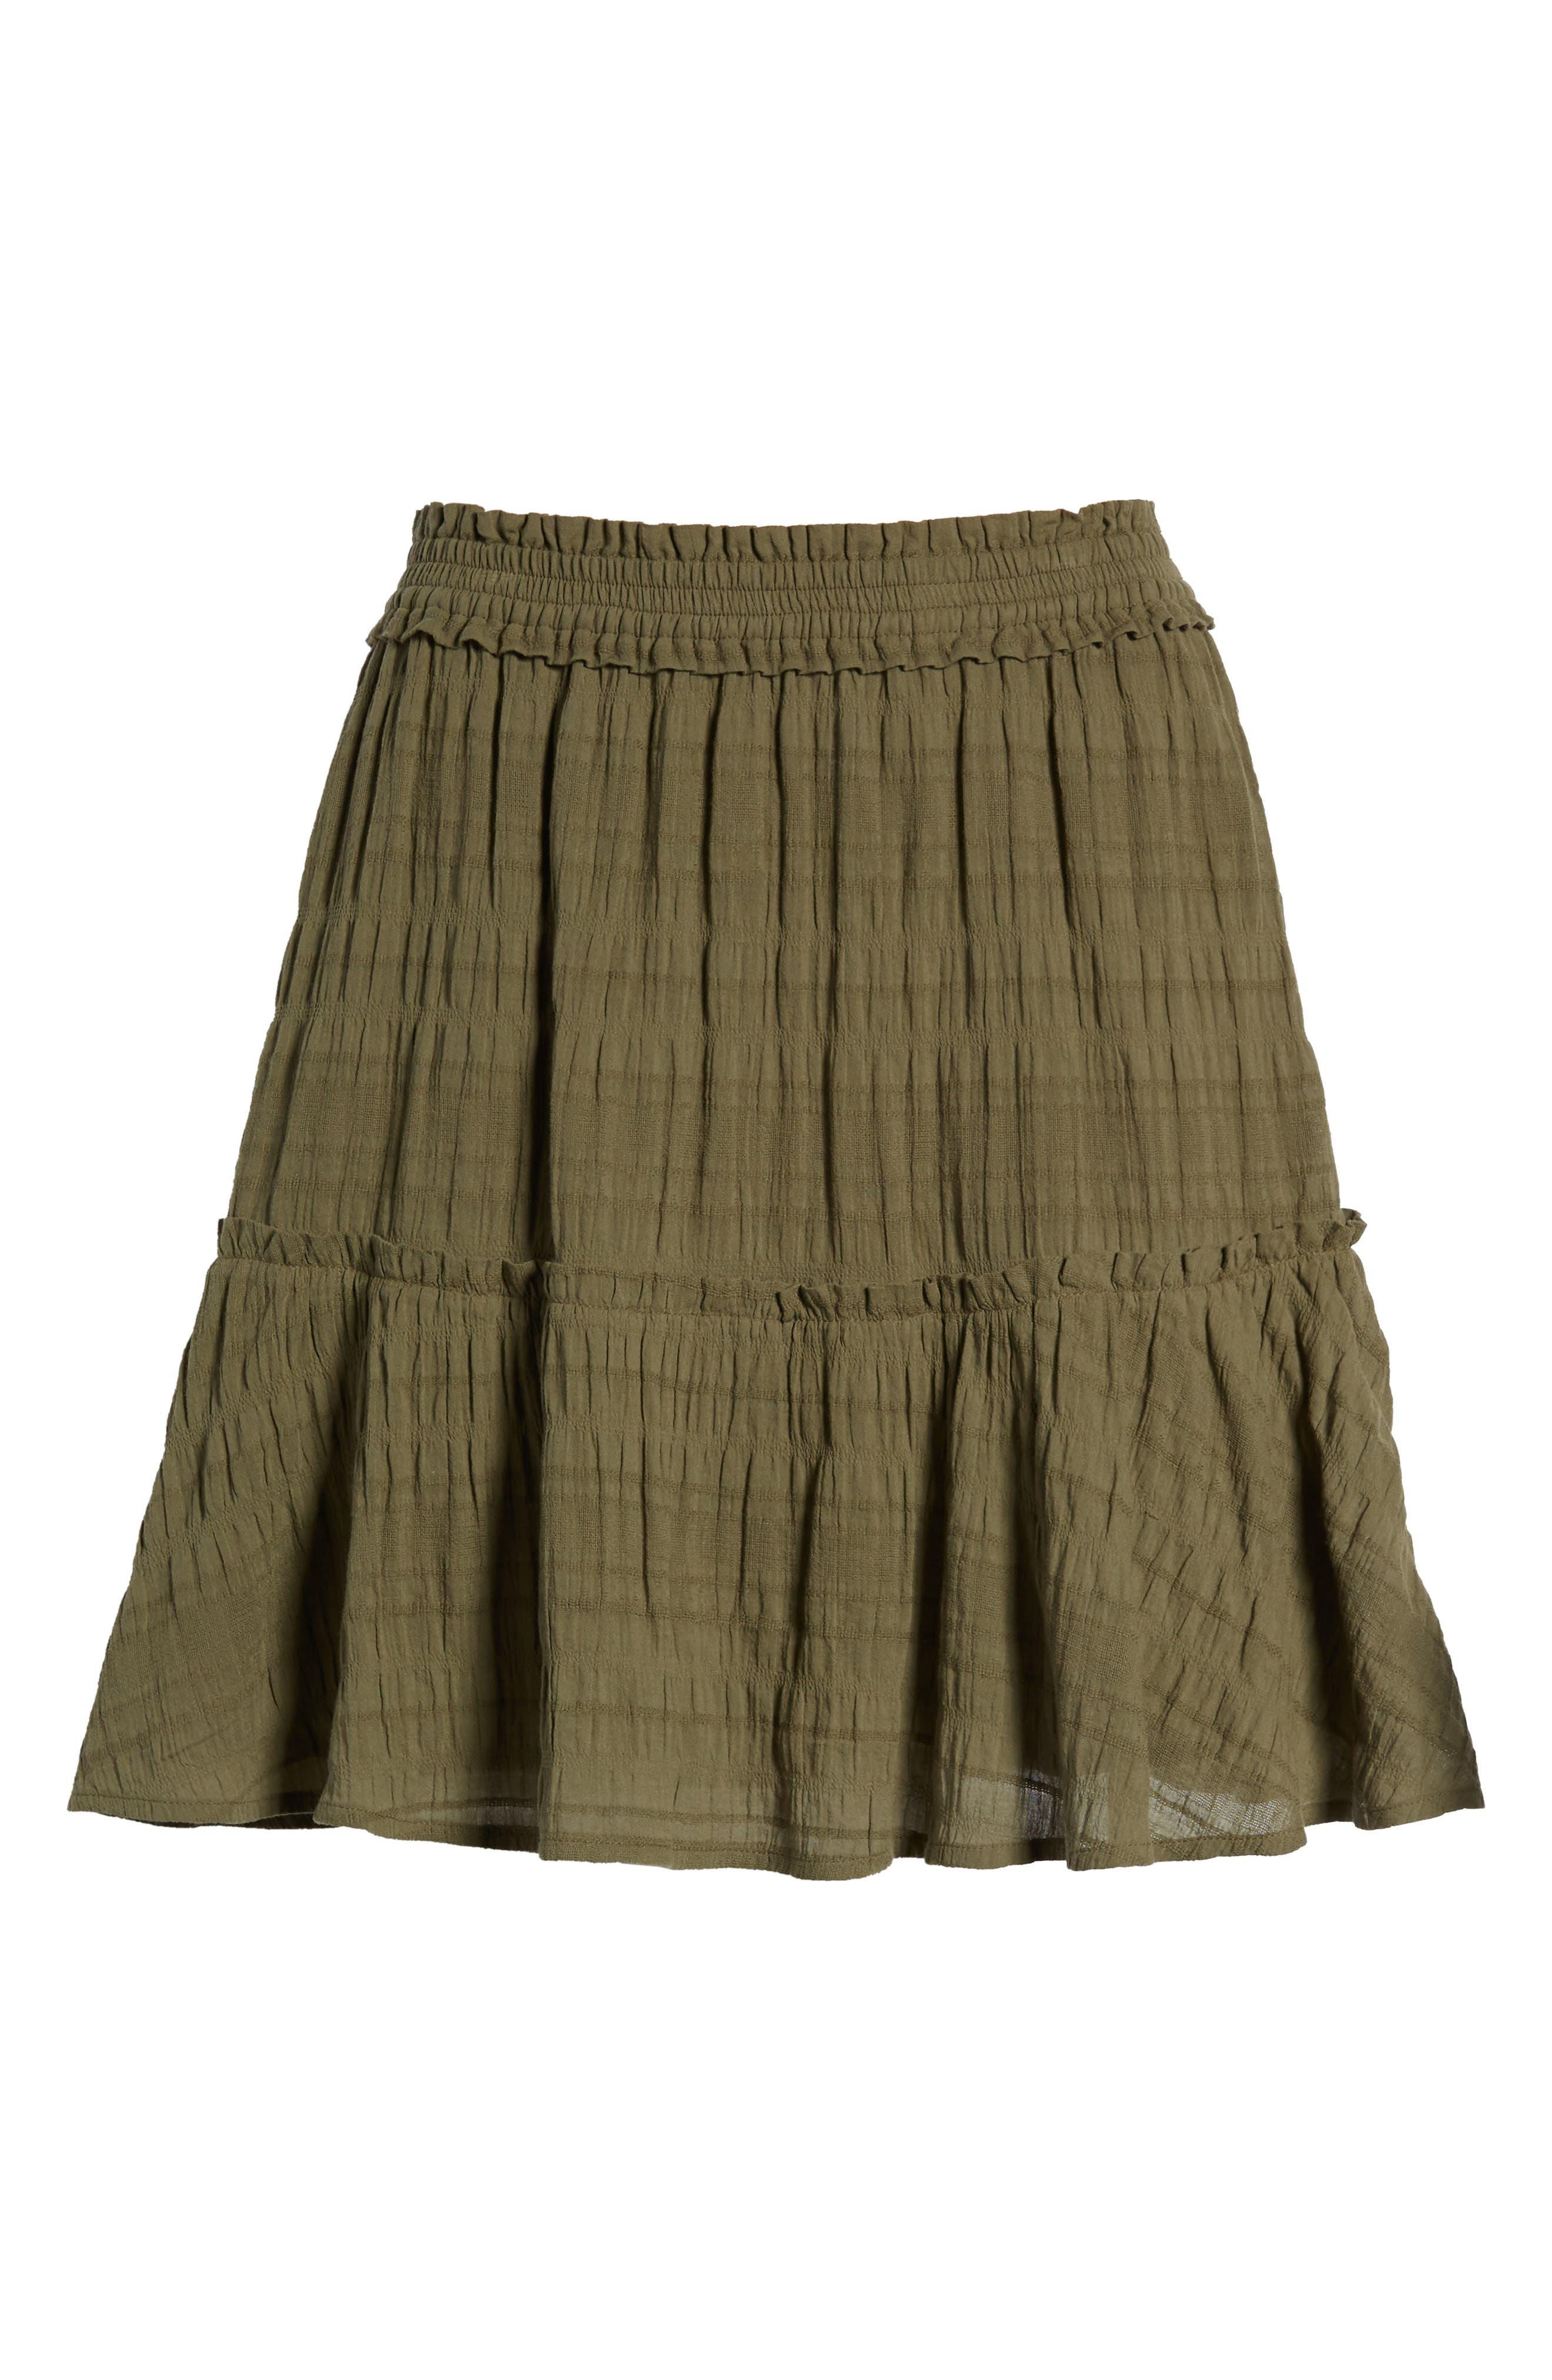 Smocked Stretch Cotton Mini Skirt,                             Alternate thumbnail 5, color,                             Olive Kalamata